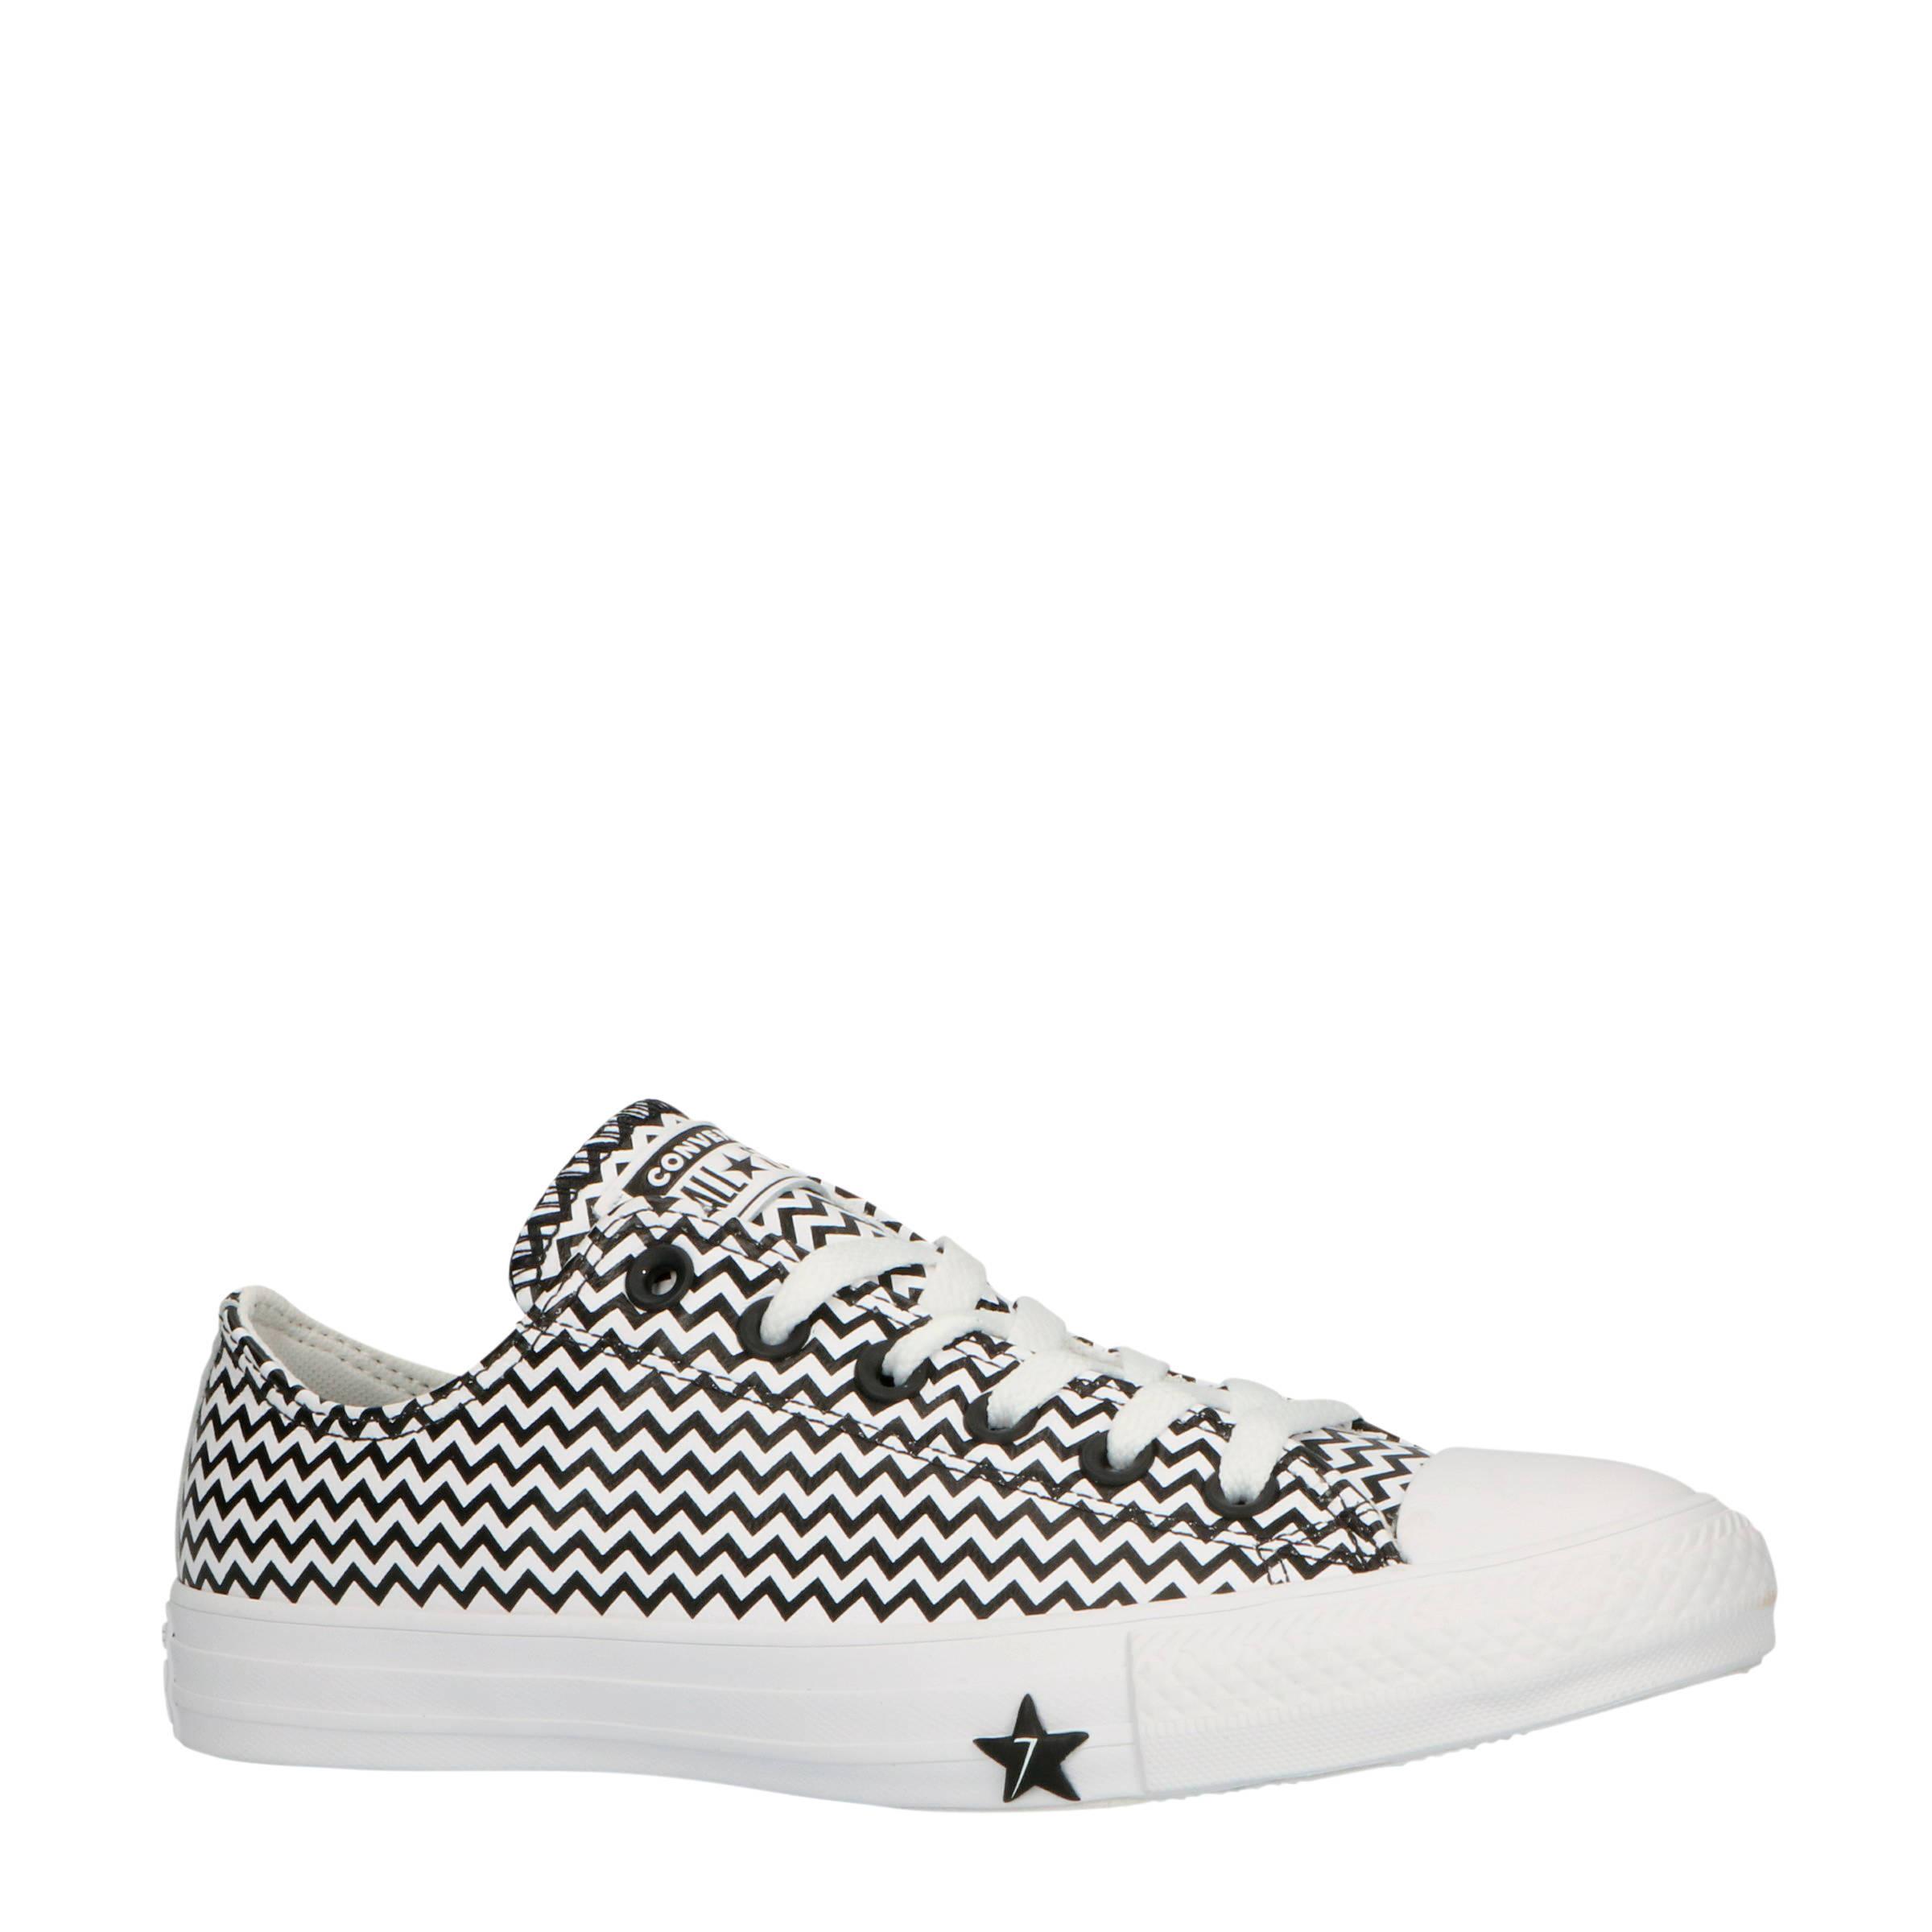 Converse Chuck Taylor All Star OX leren sneakers zwartwit